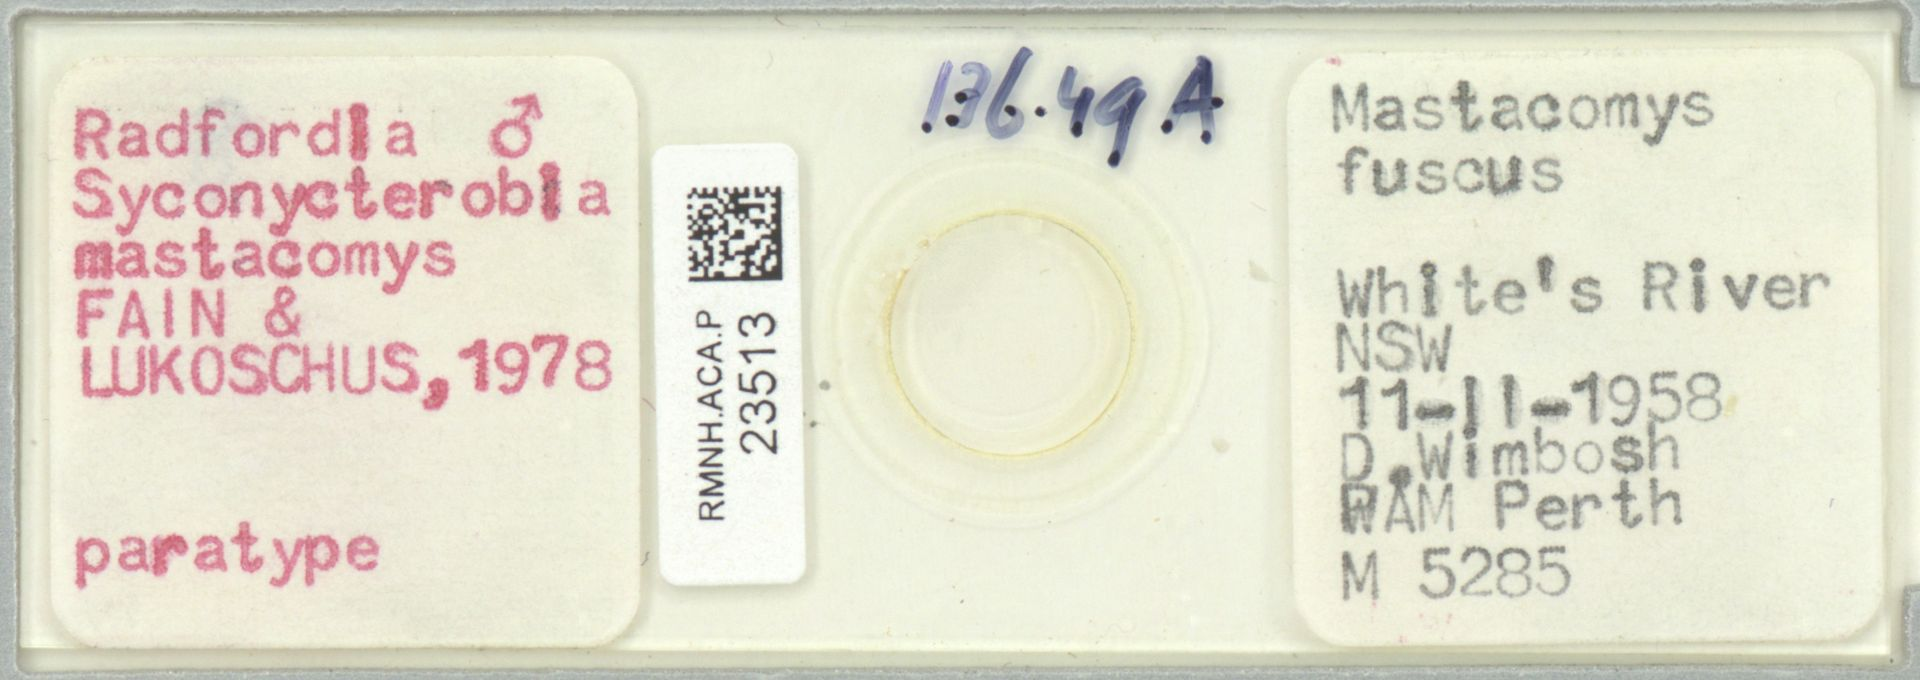 RMNH.ACA.P.23513   Radfordia (Syconycterobia) mastacomys FAIN & LUKOSCHUS, 1978